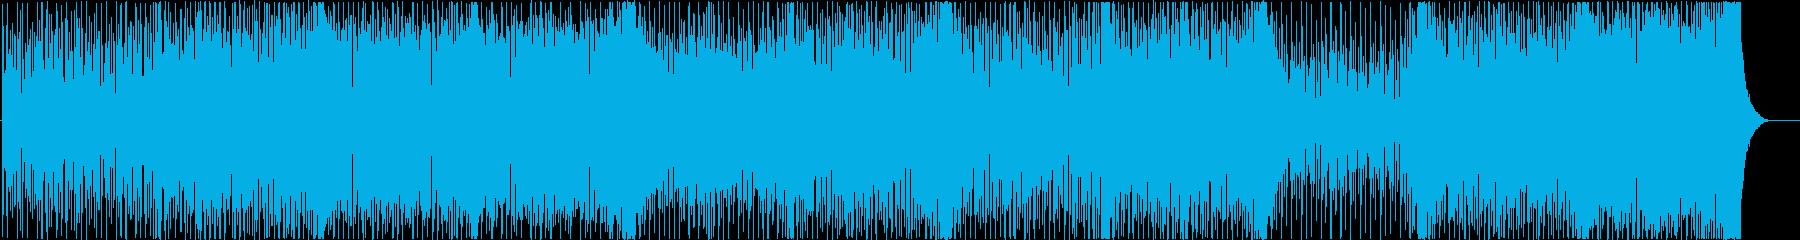 近未来的な疾走感のあるトランス系BGMの再生済みの波形